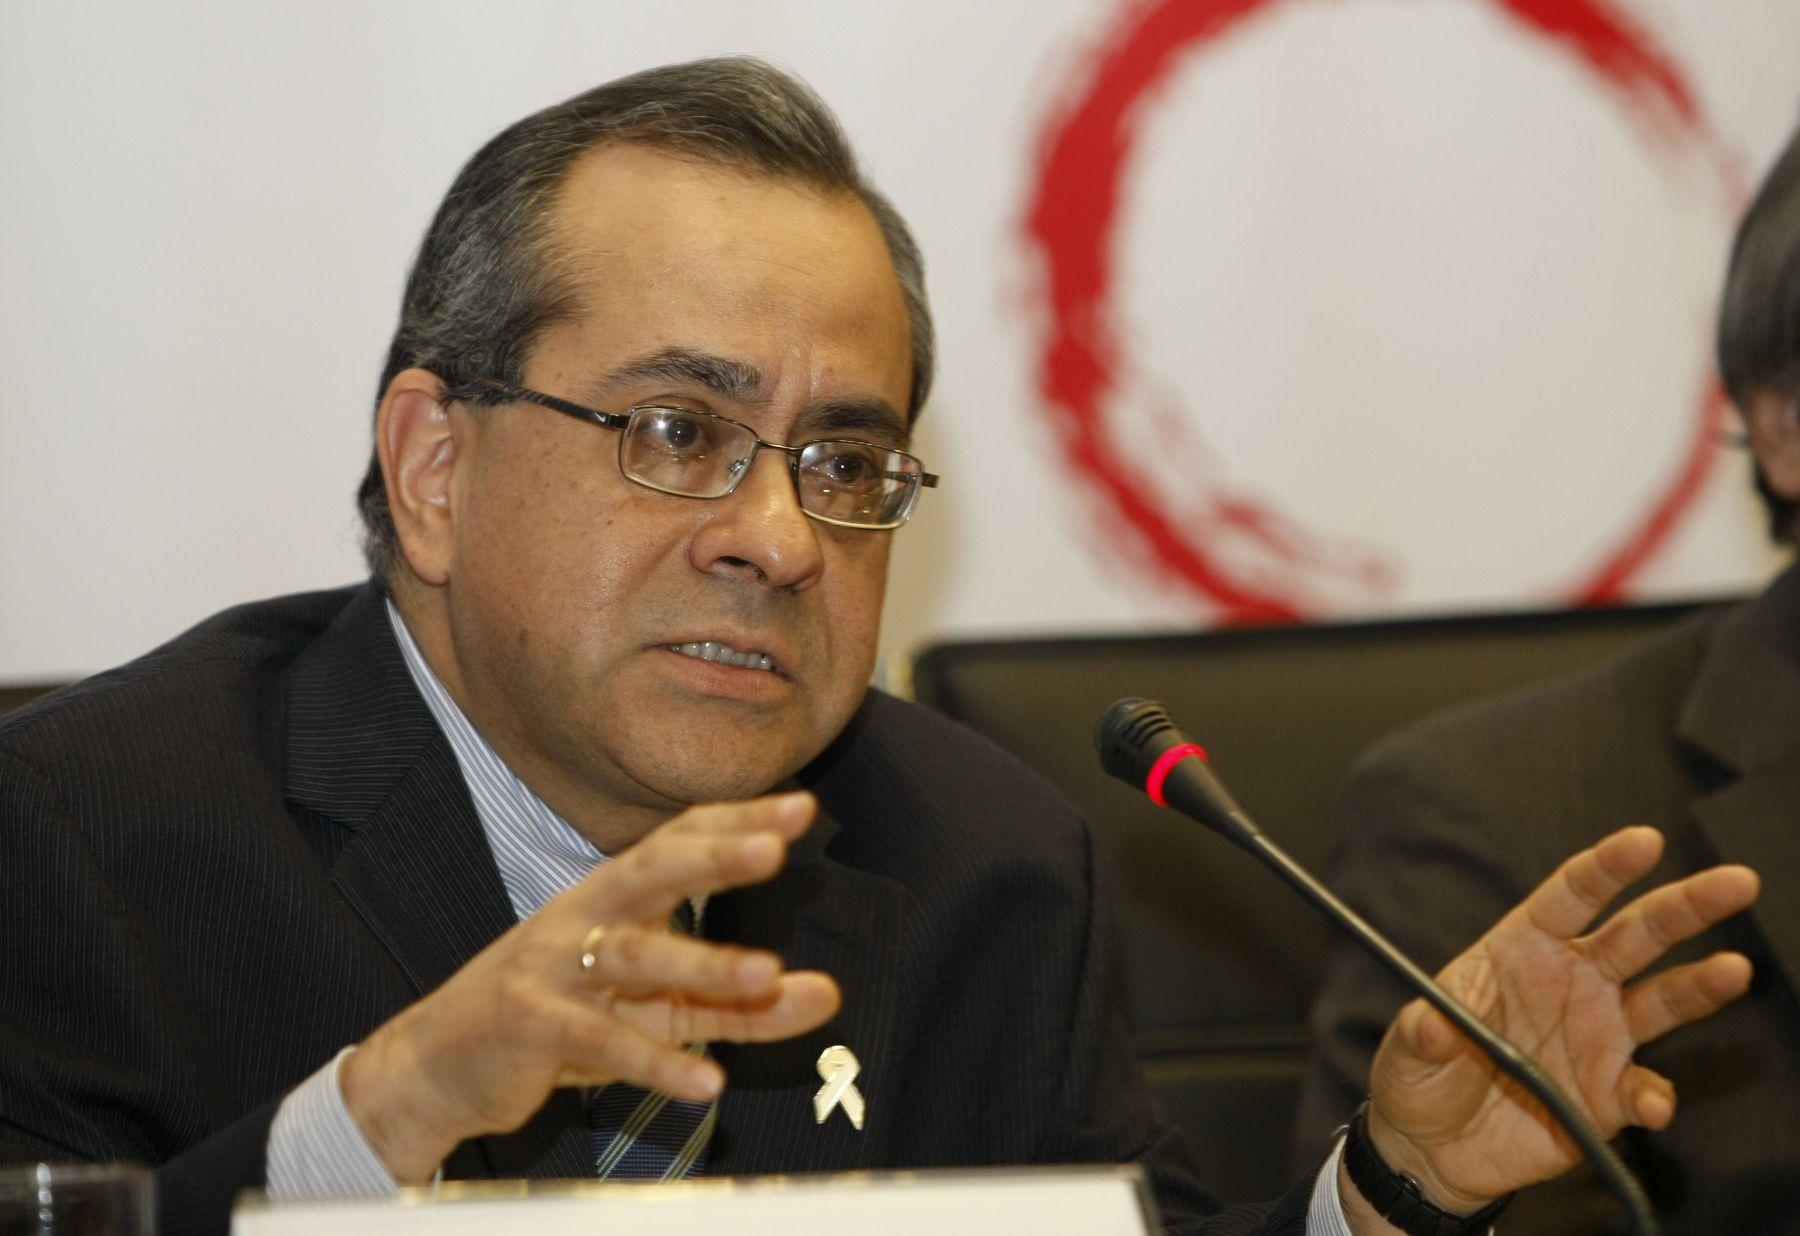 Ministro de Educación es censurado por el Congreso - Bolsamanía.com